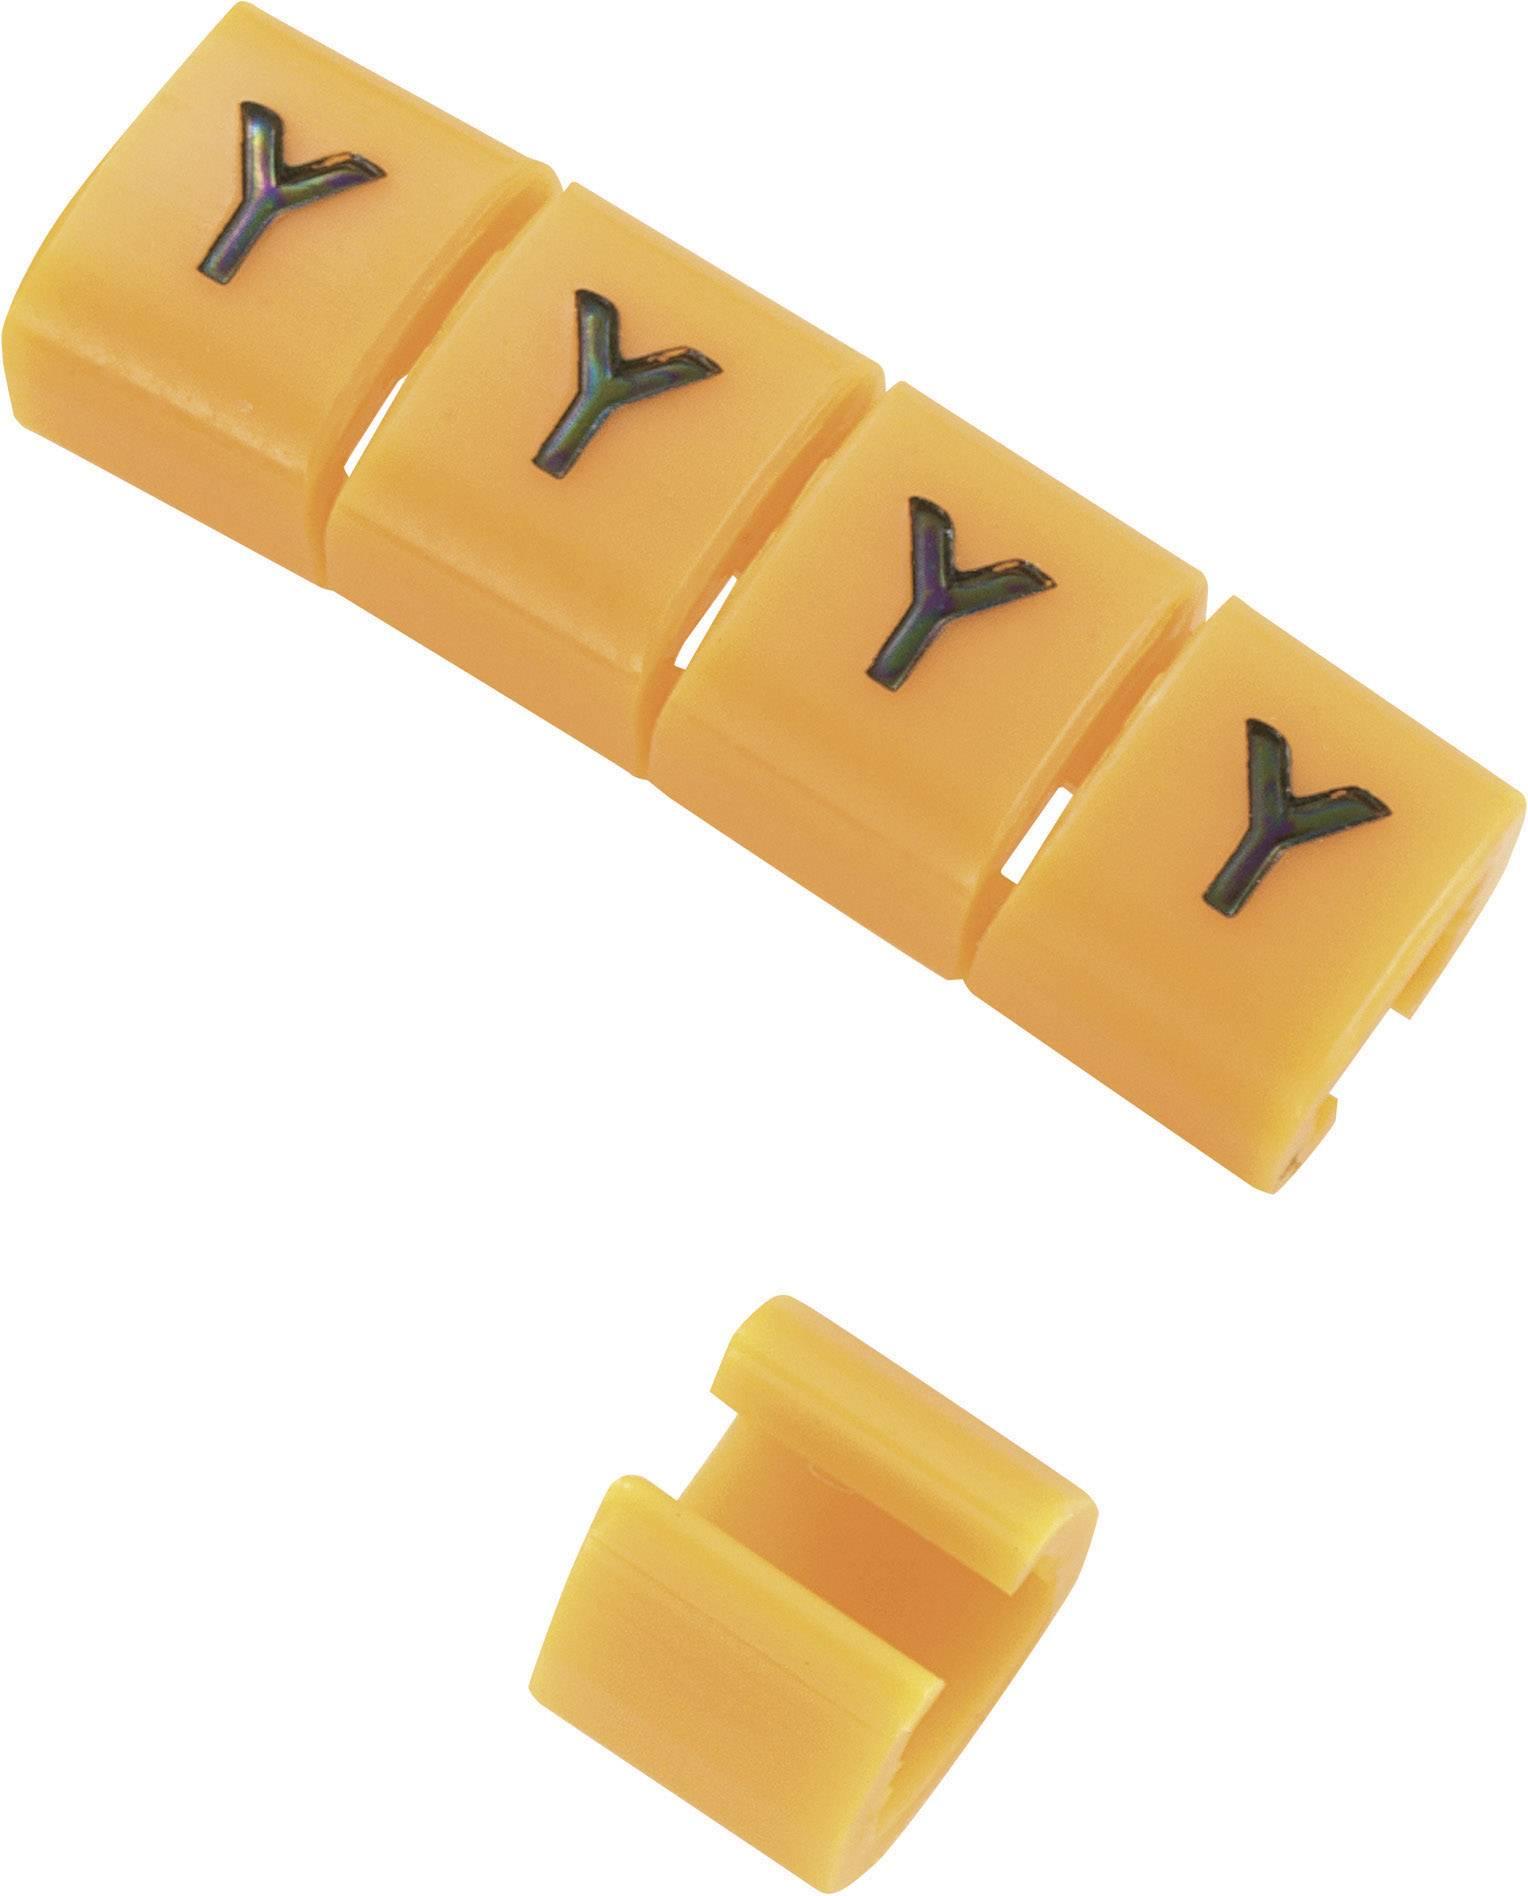 Označovacie objímka na káble KSS MB1/C, oranžová, 10 ks